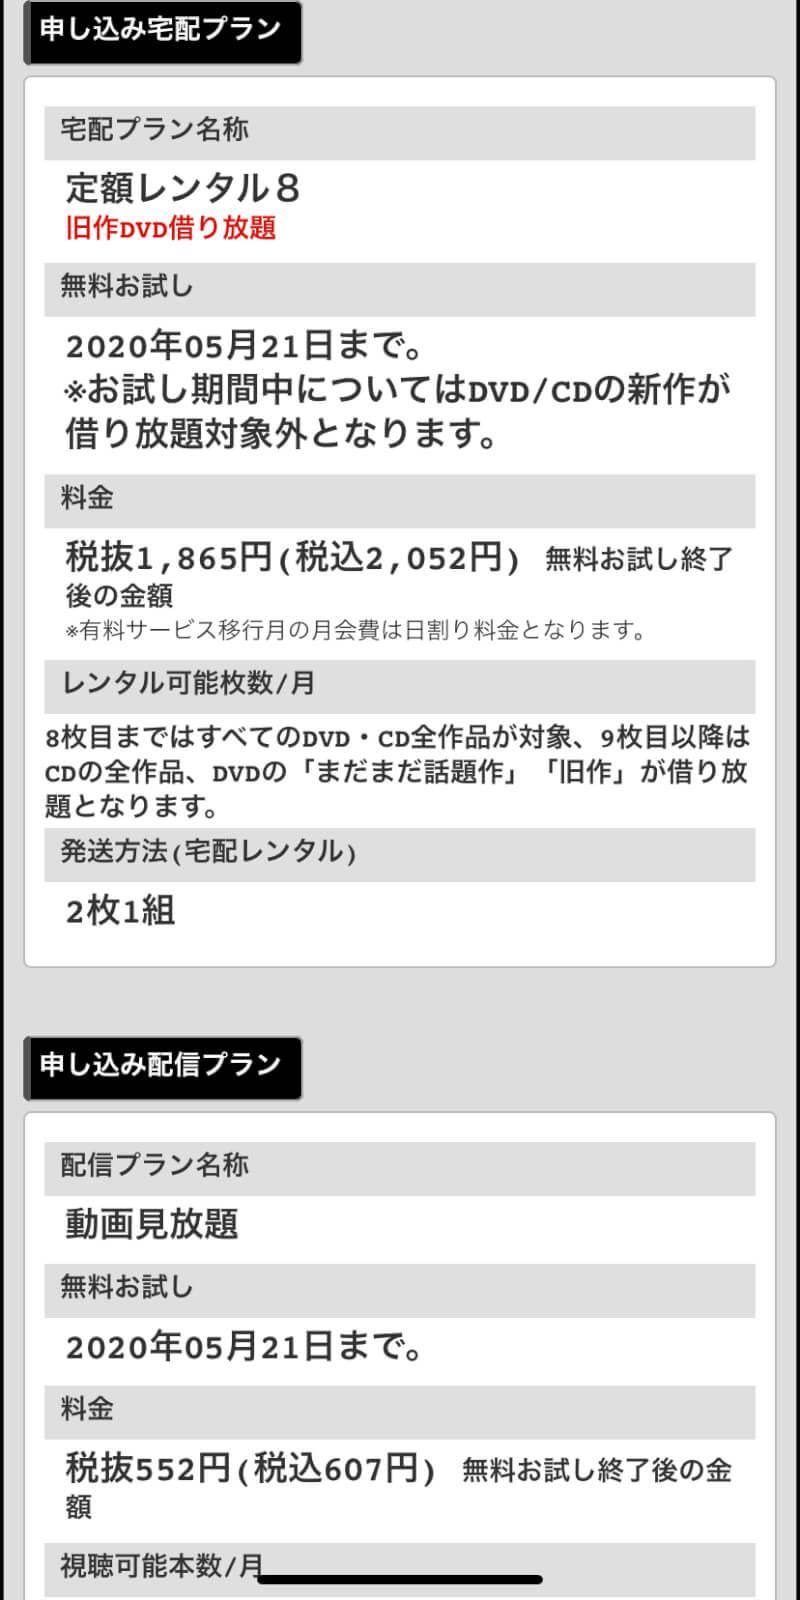 アダルト tsutaya 無料